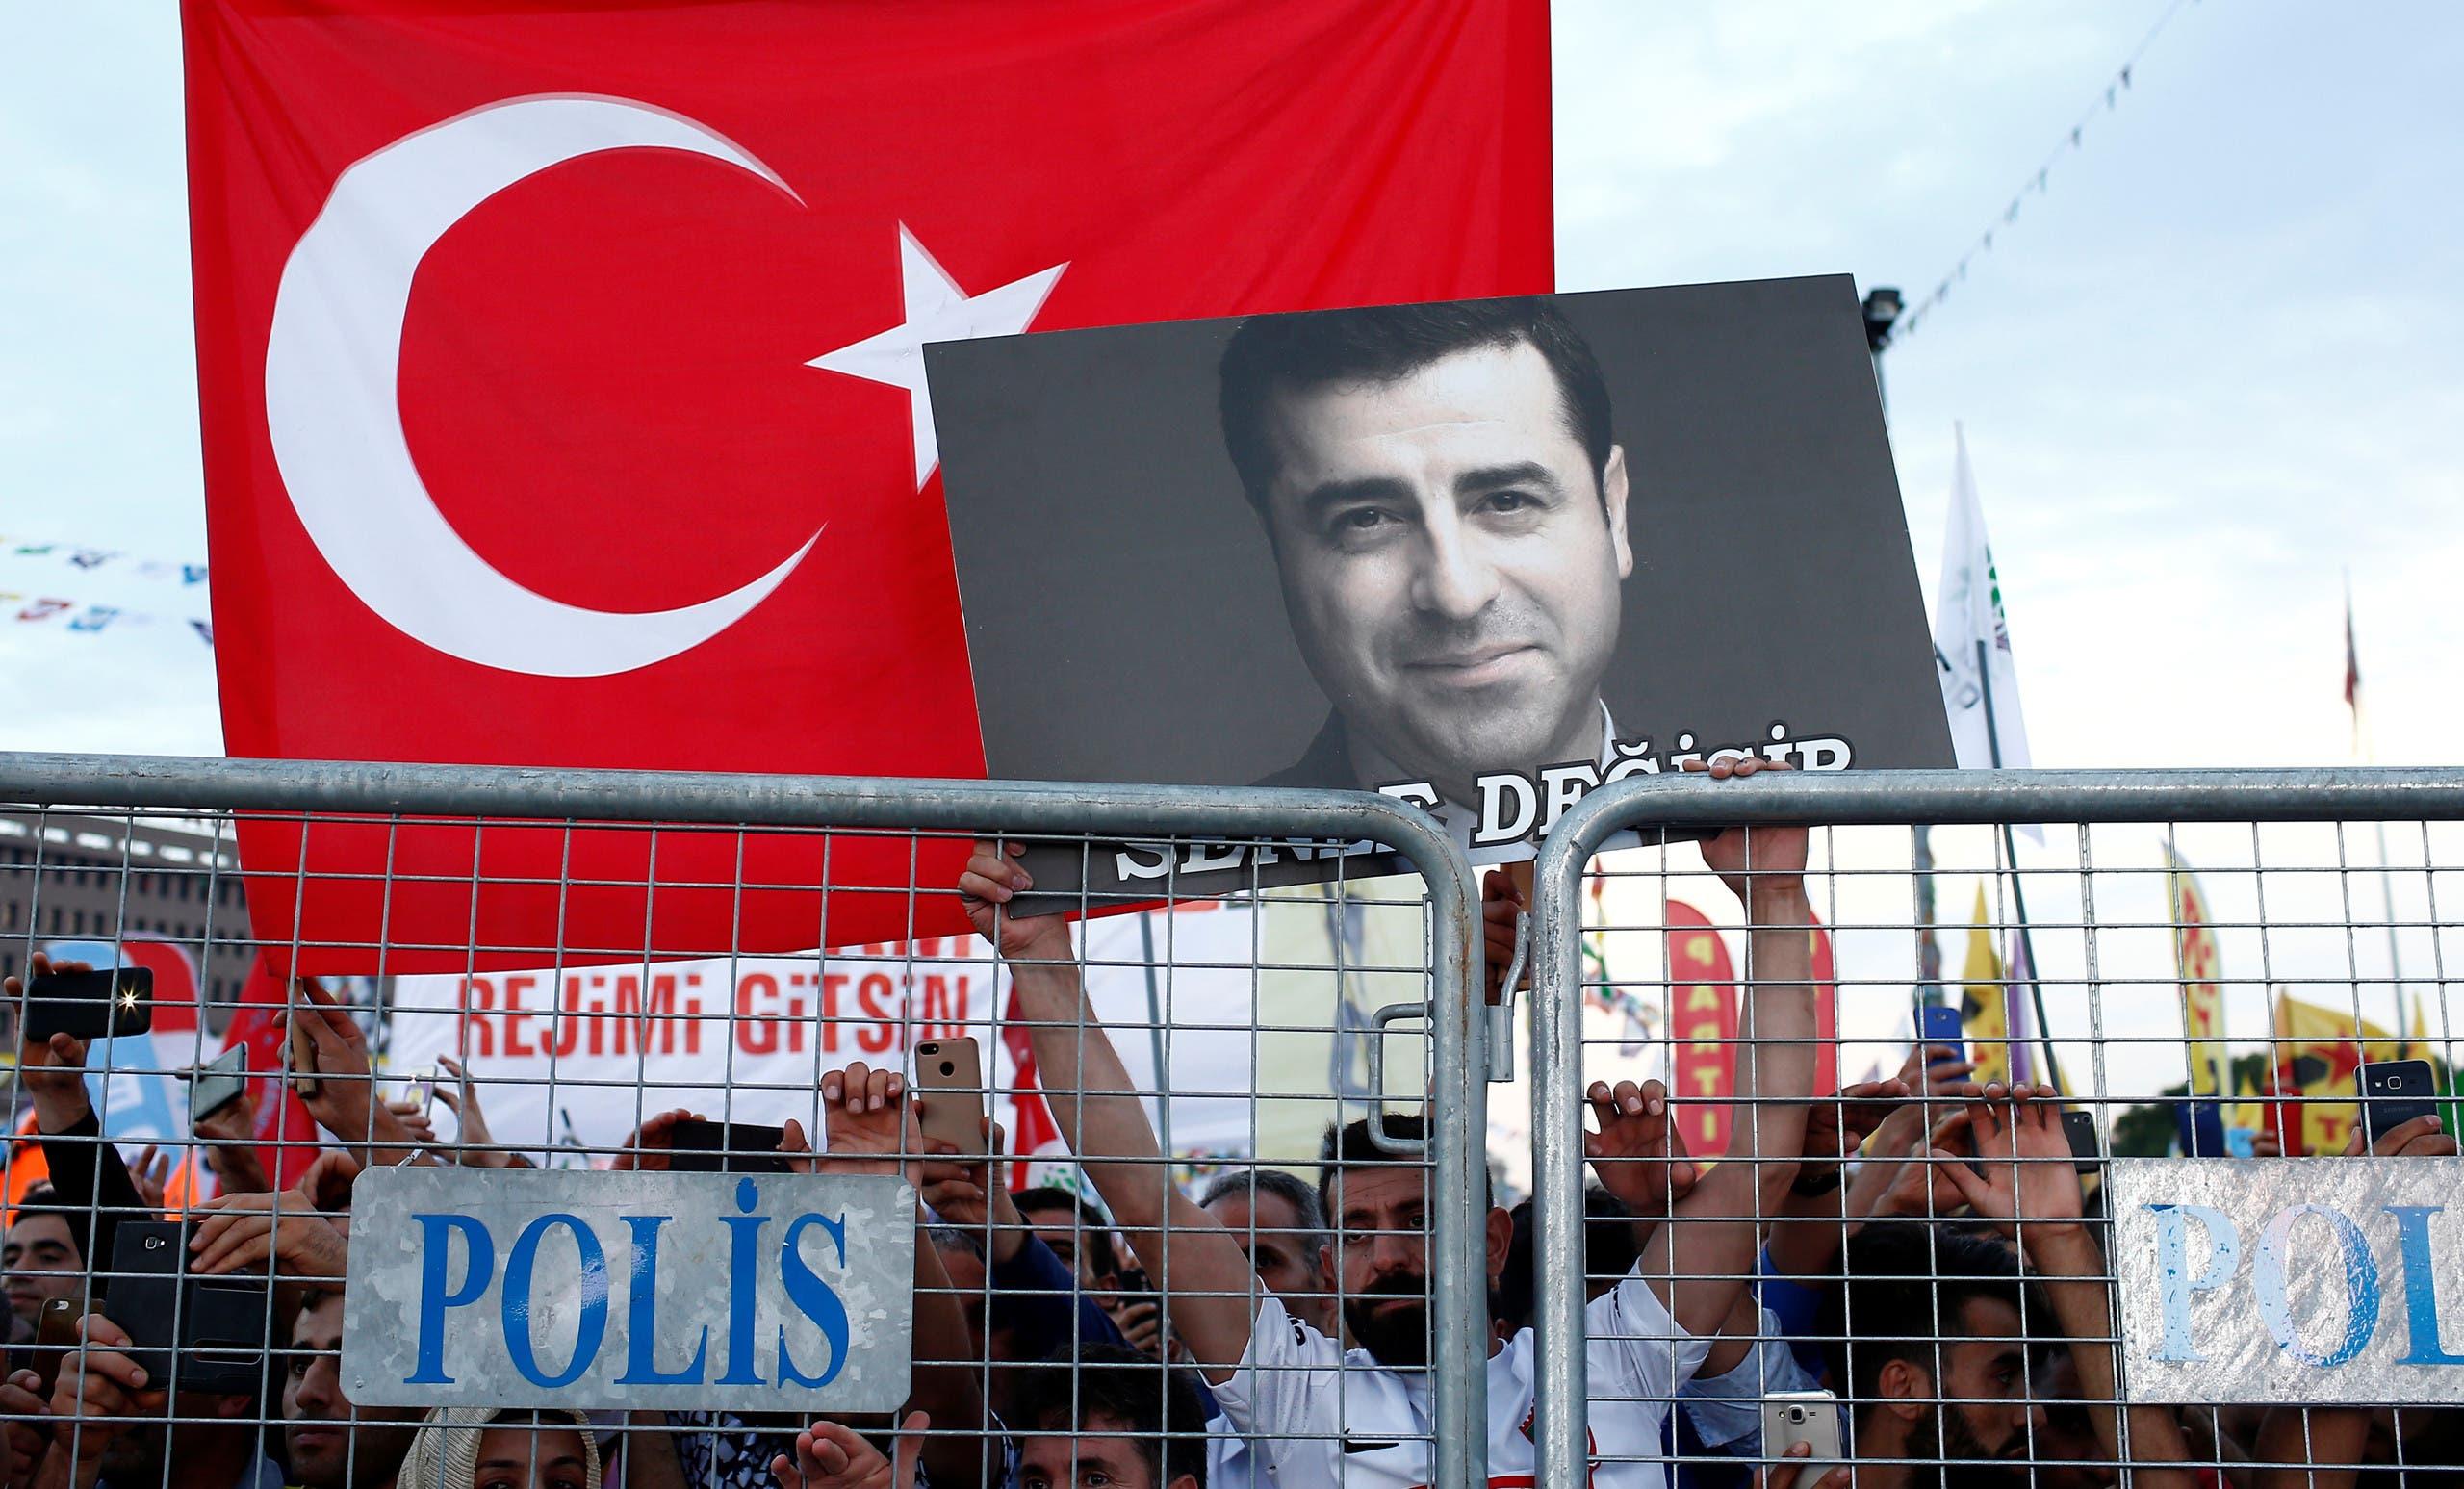 مناصرون لحزب الشعوب الديمقراطي يرفعون صورة لديمرتاش خلال تجمع في اسطنبول